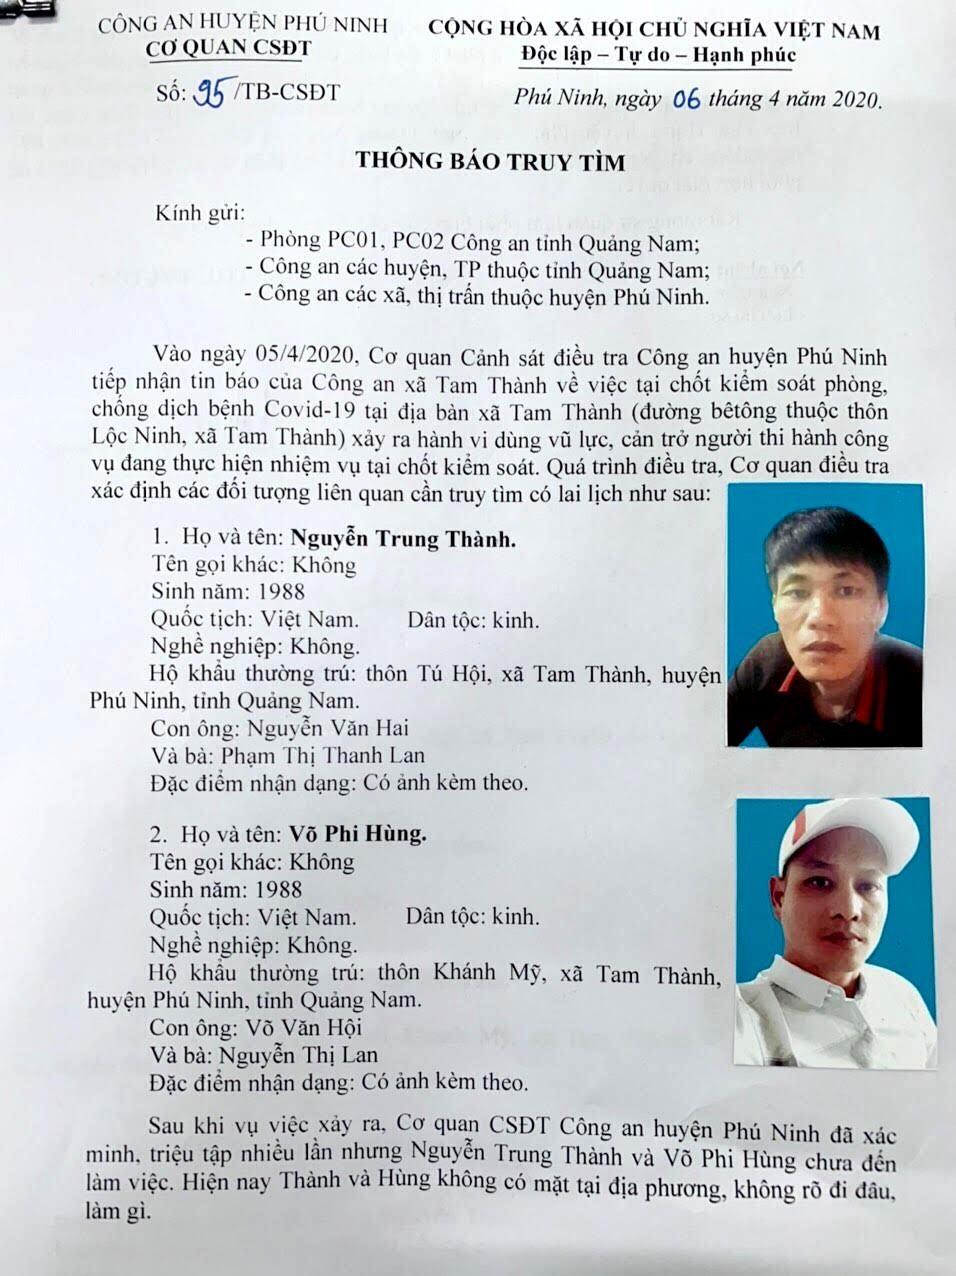 Công an Phú Ninh ra Thông báo truy tìm 2 đối tượng Phi và Hùng. Ảnh: H.C